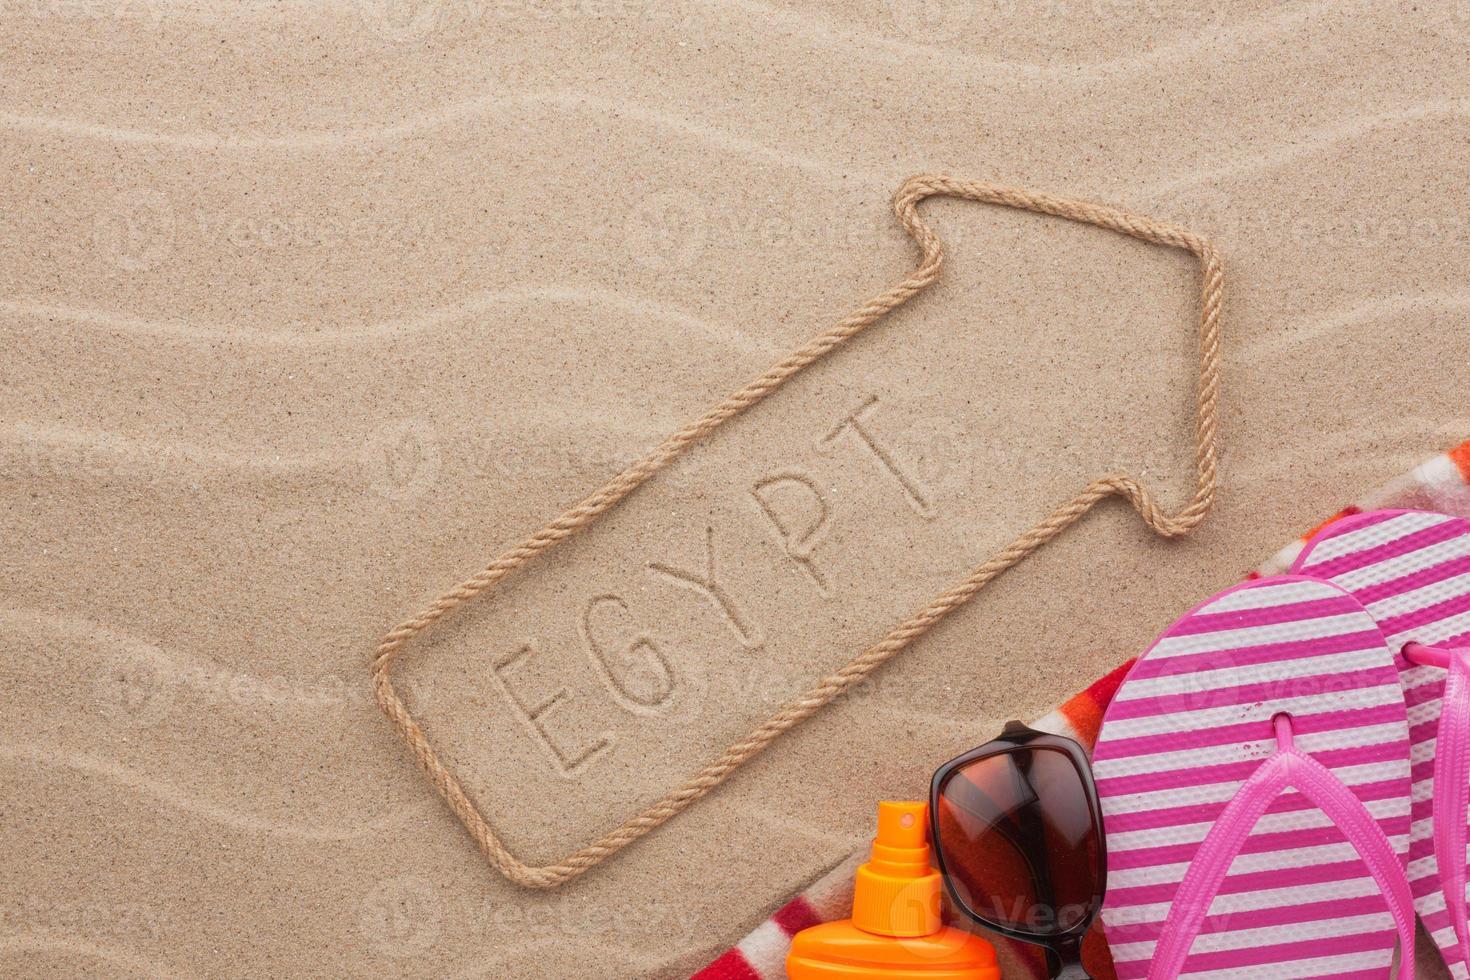 Ägypten Zeiger und Strandzubehör auf dem Sand liegen foto